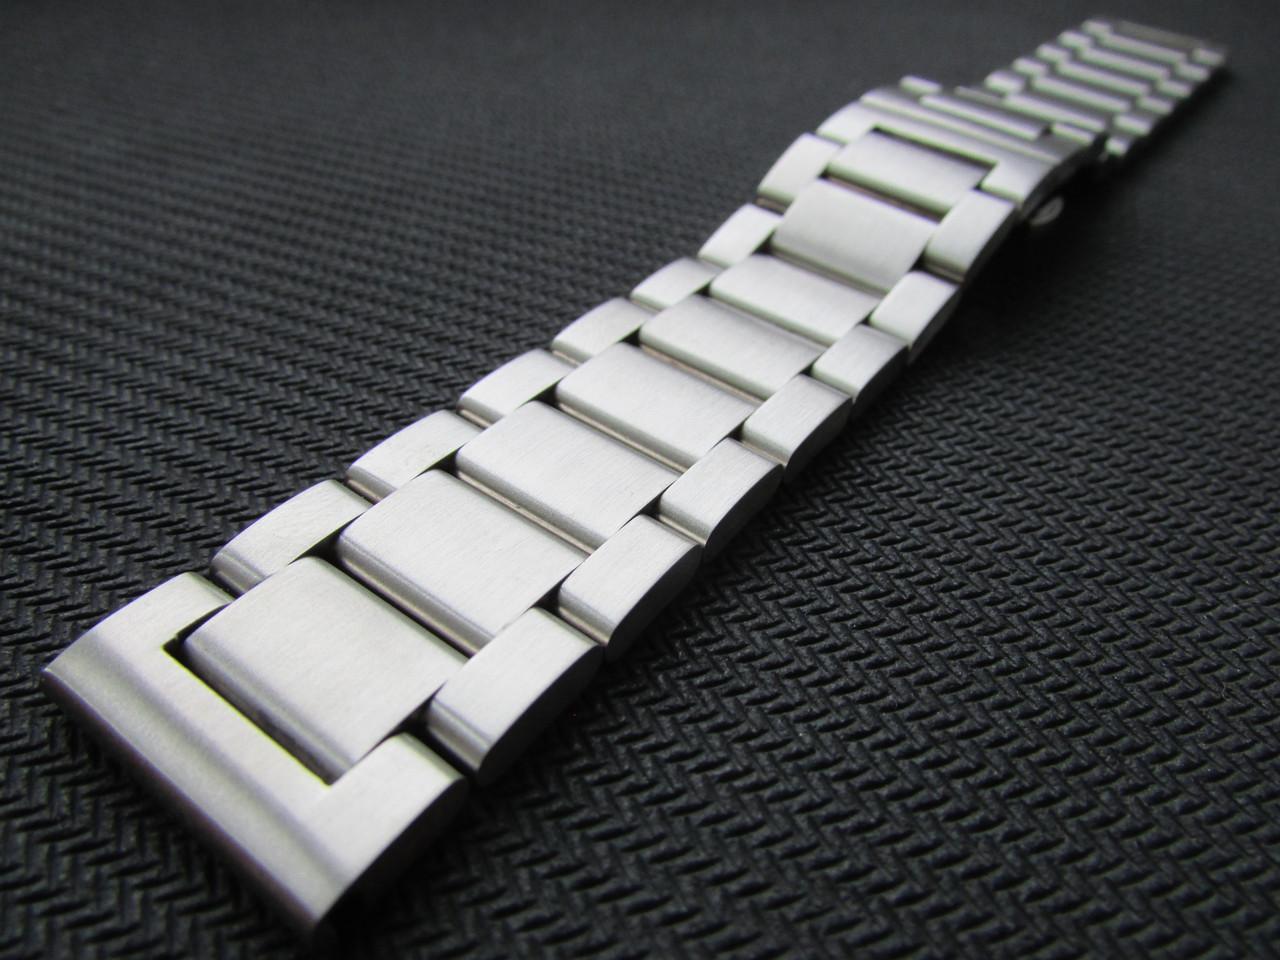 Браслет для часов из нержавеющей стали 316L, литой, мат. 22 мм